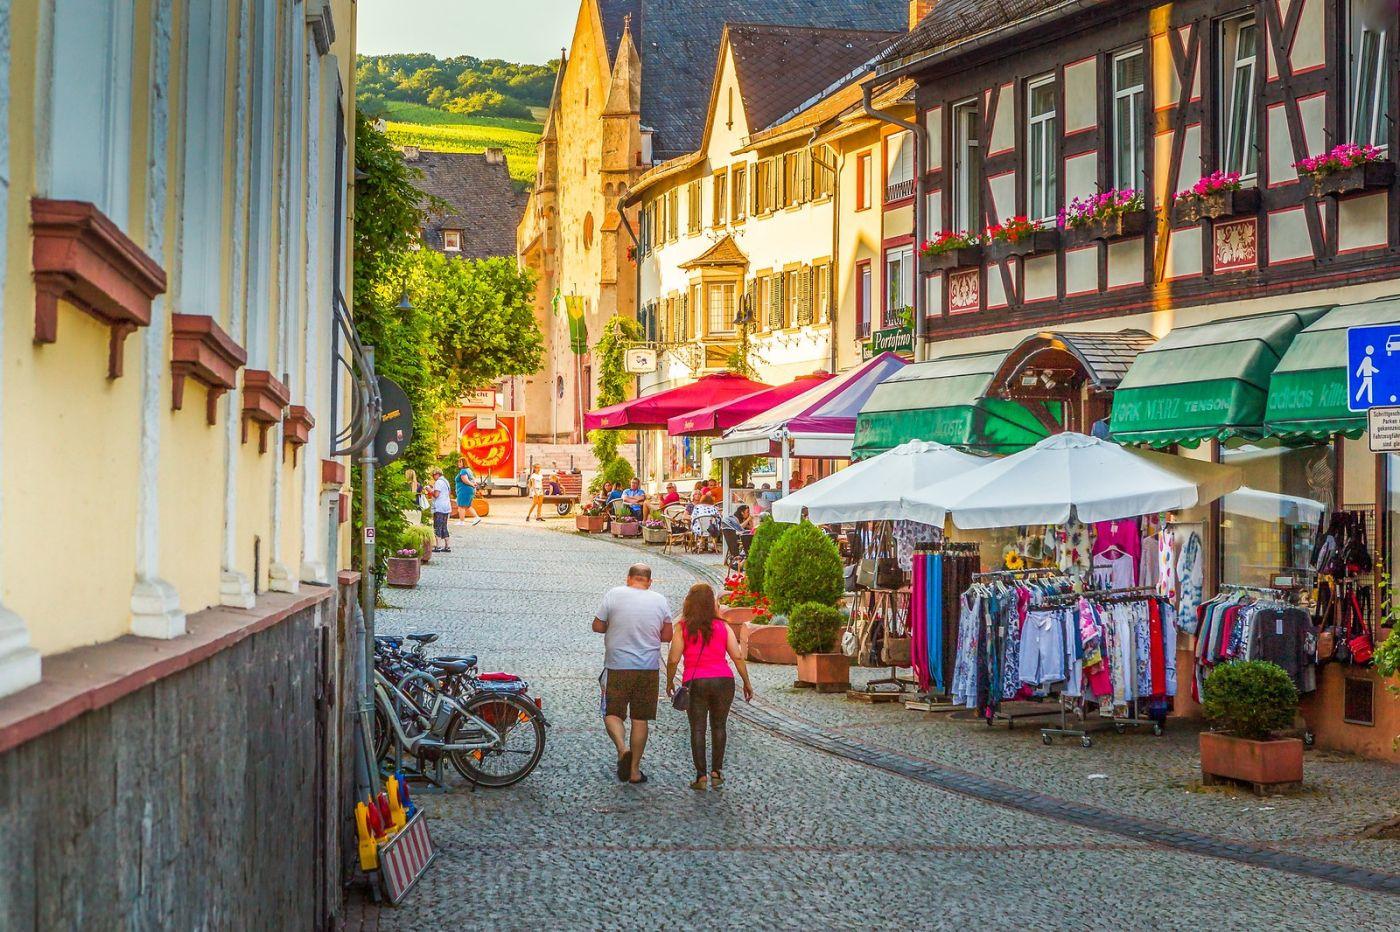 德国吕德斯海姆(Rudesheim),莱茵河畔的小镇_图1-5